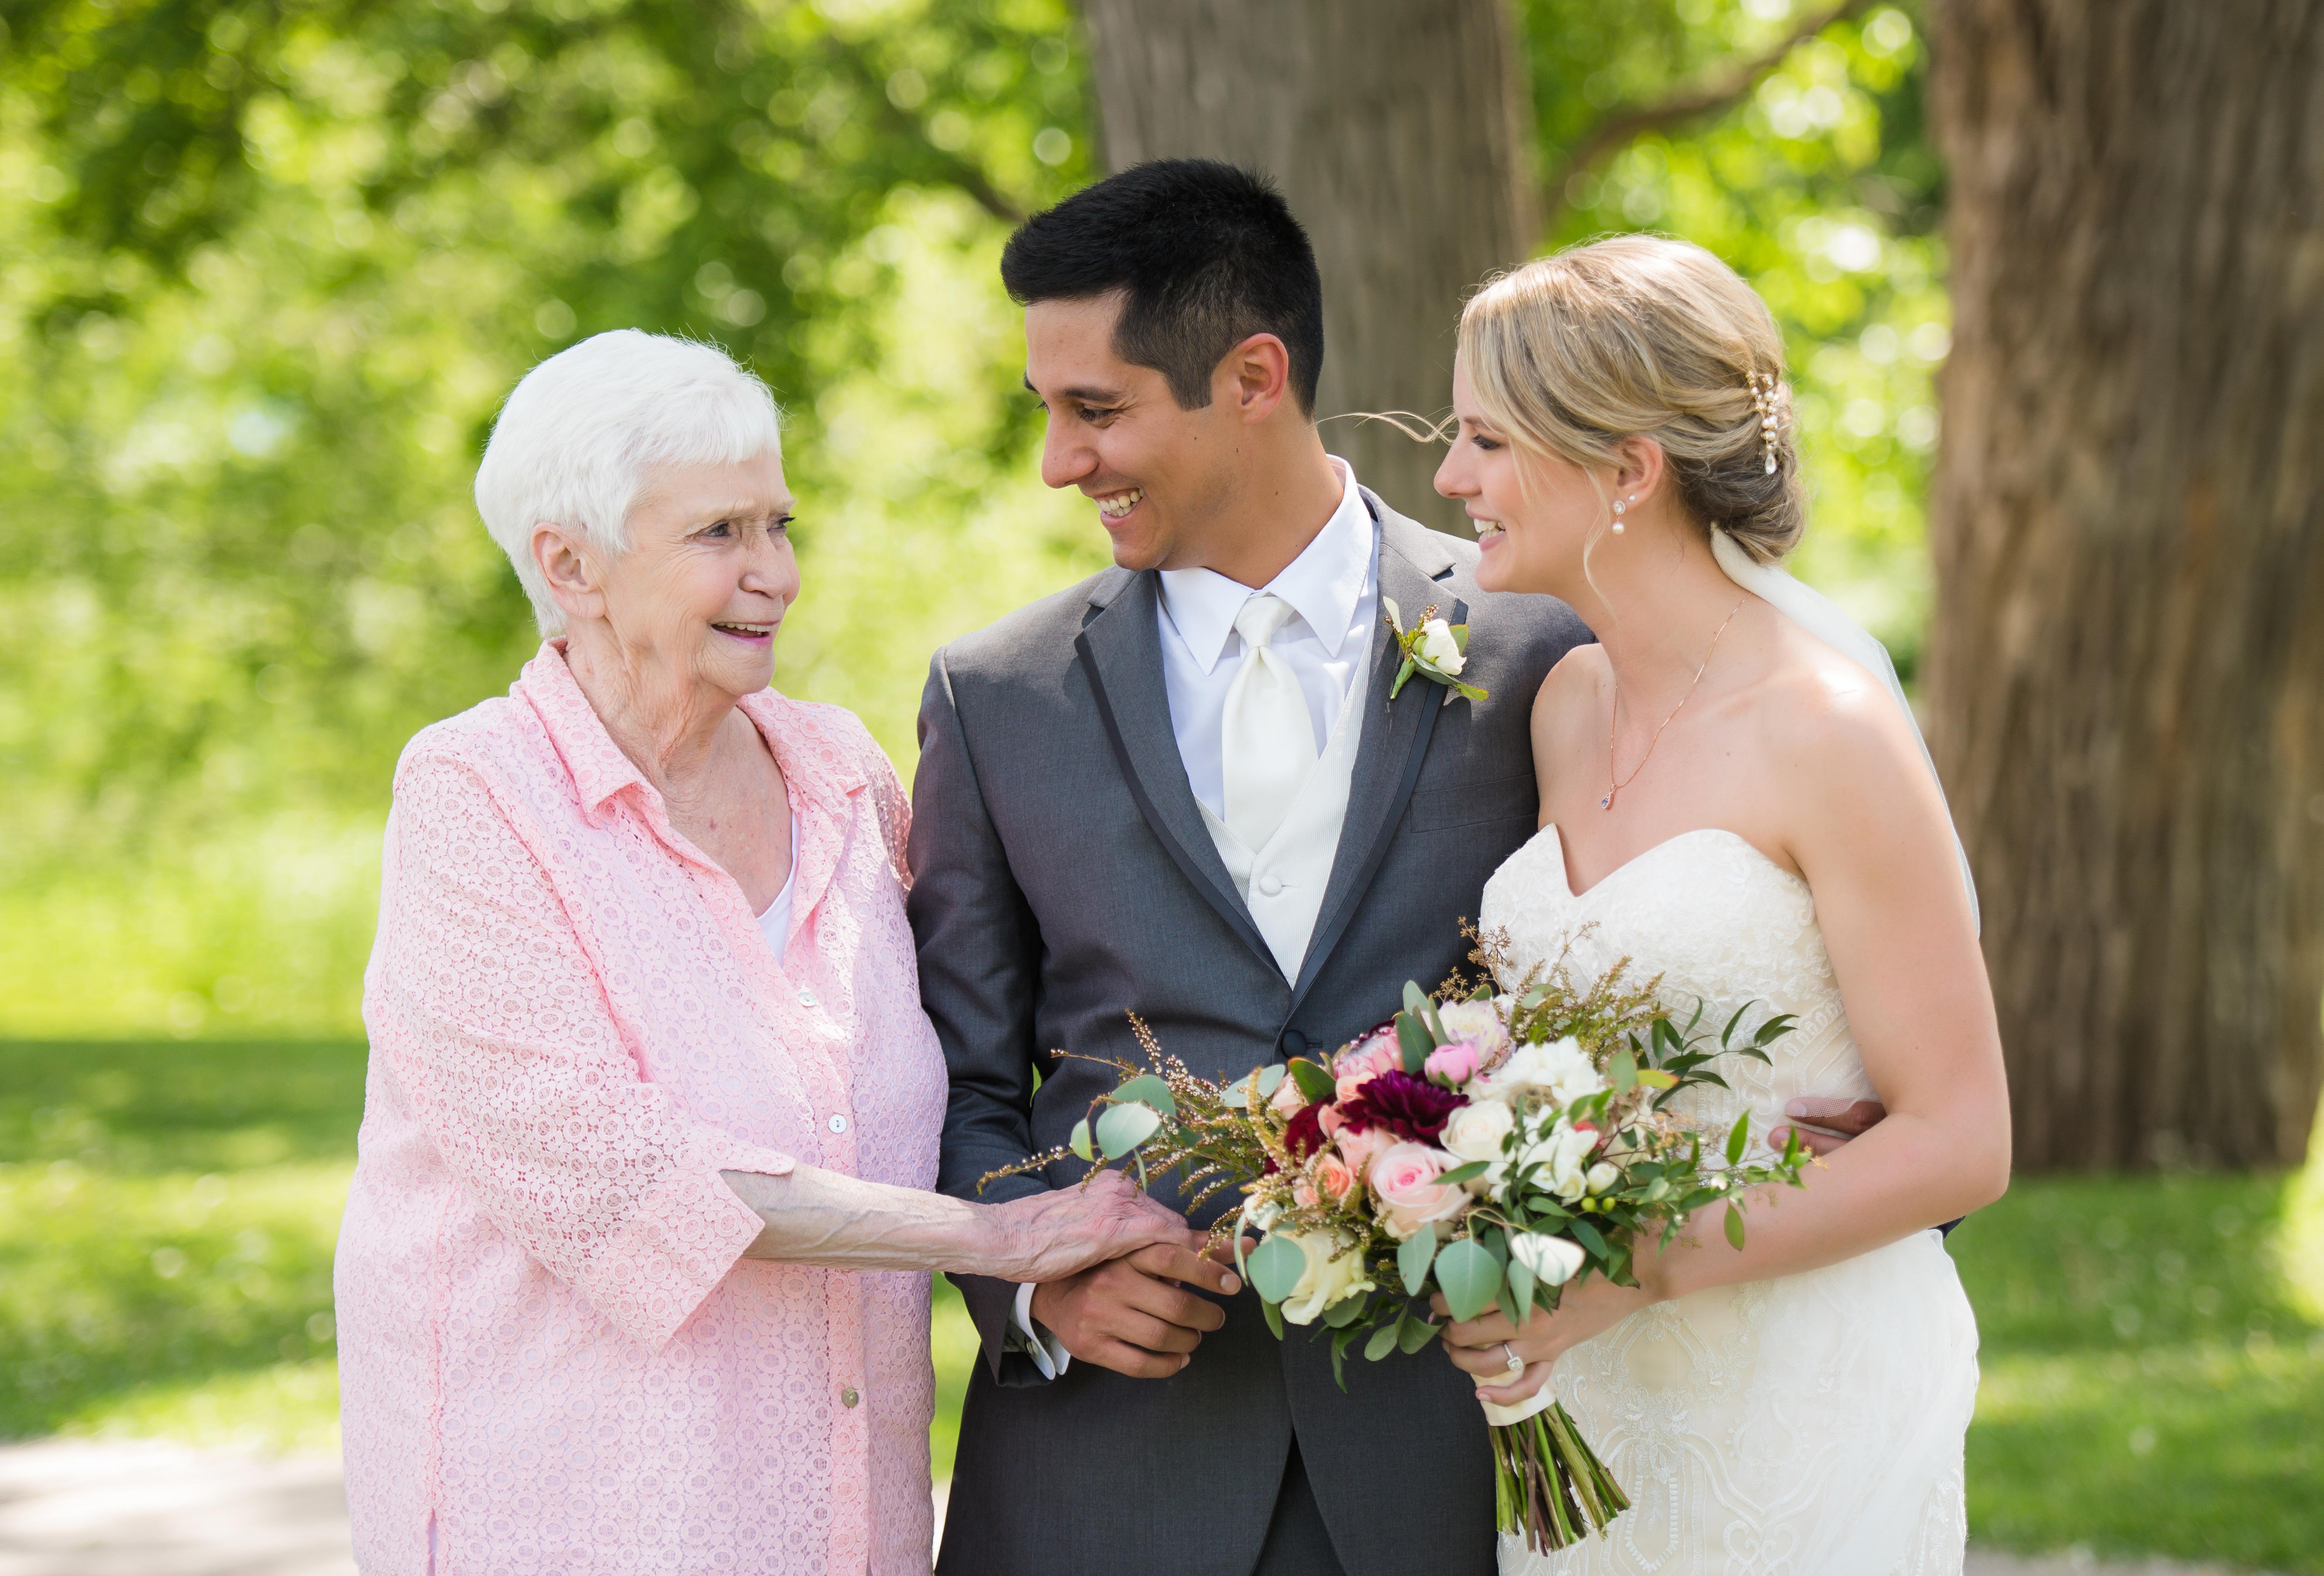 twincities wedding photography east oaks photography wedding photo (18)